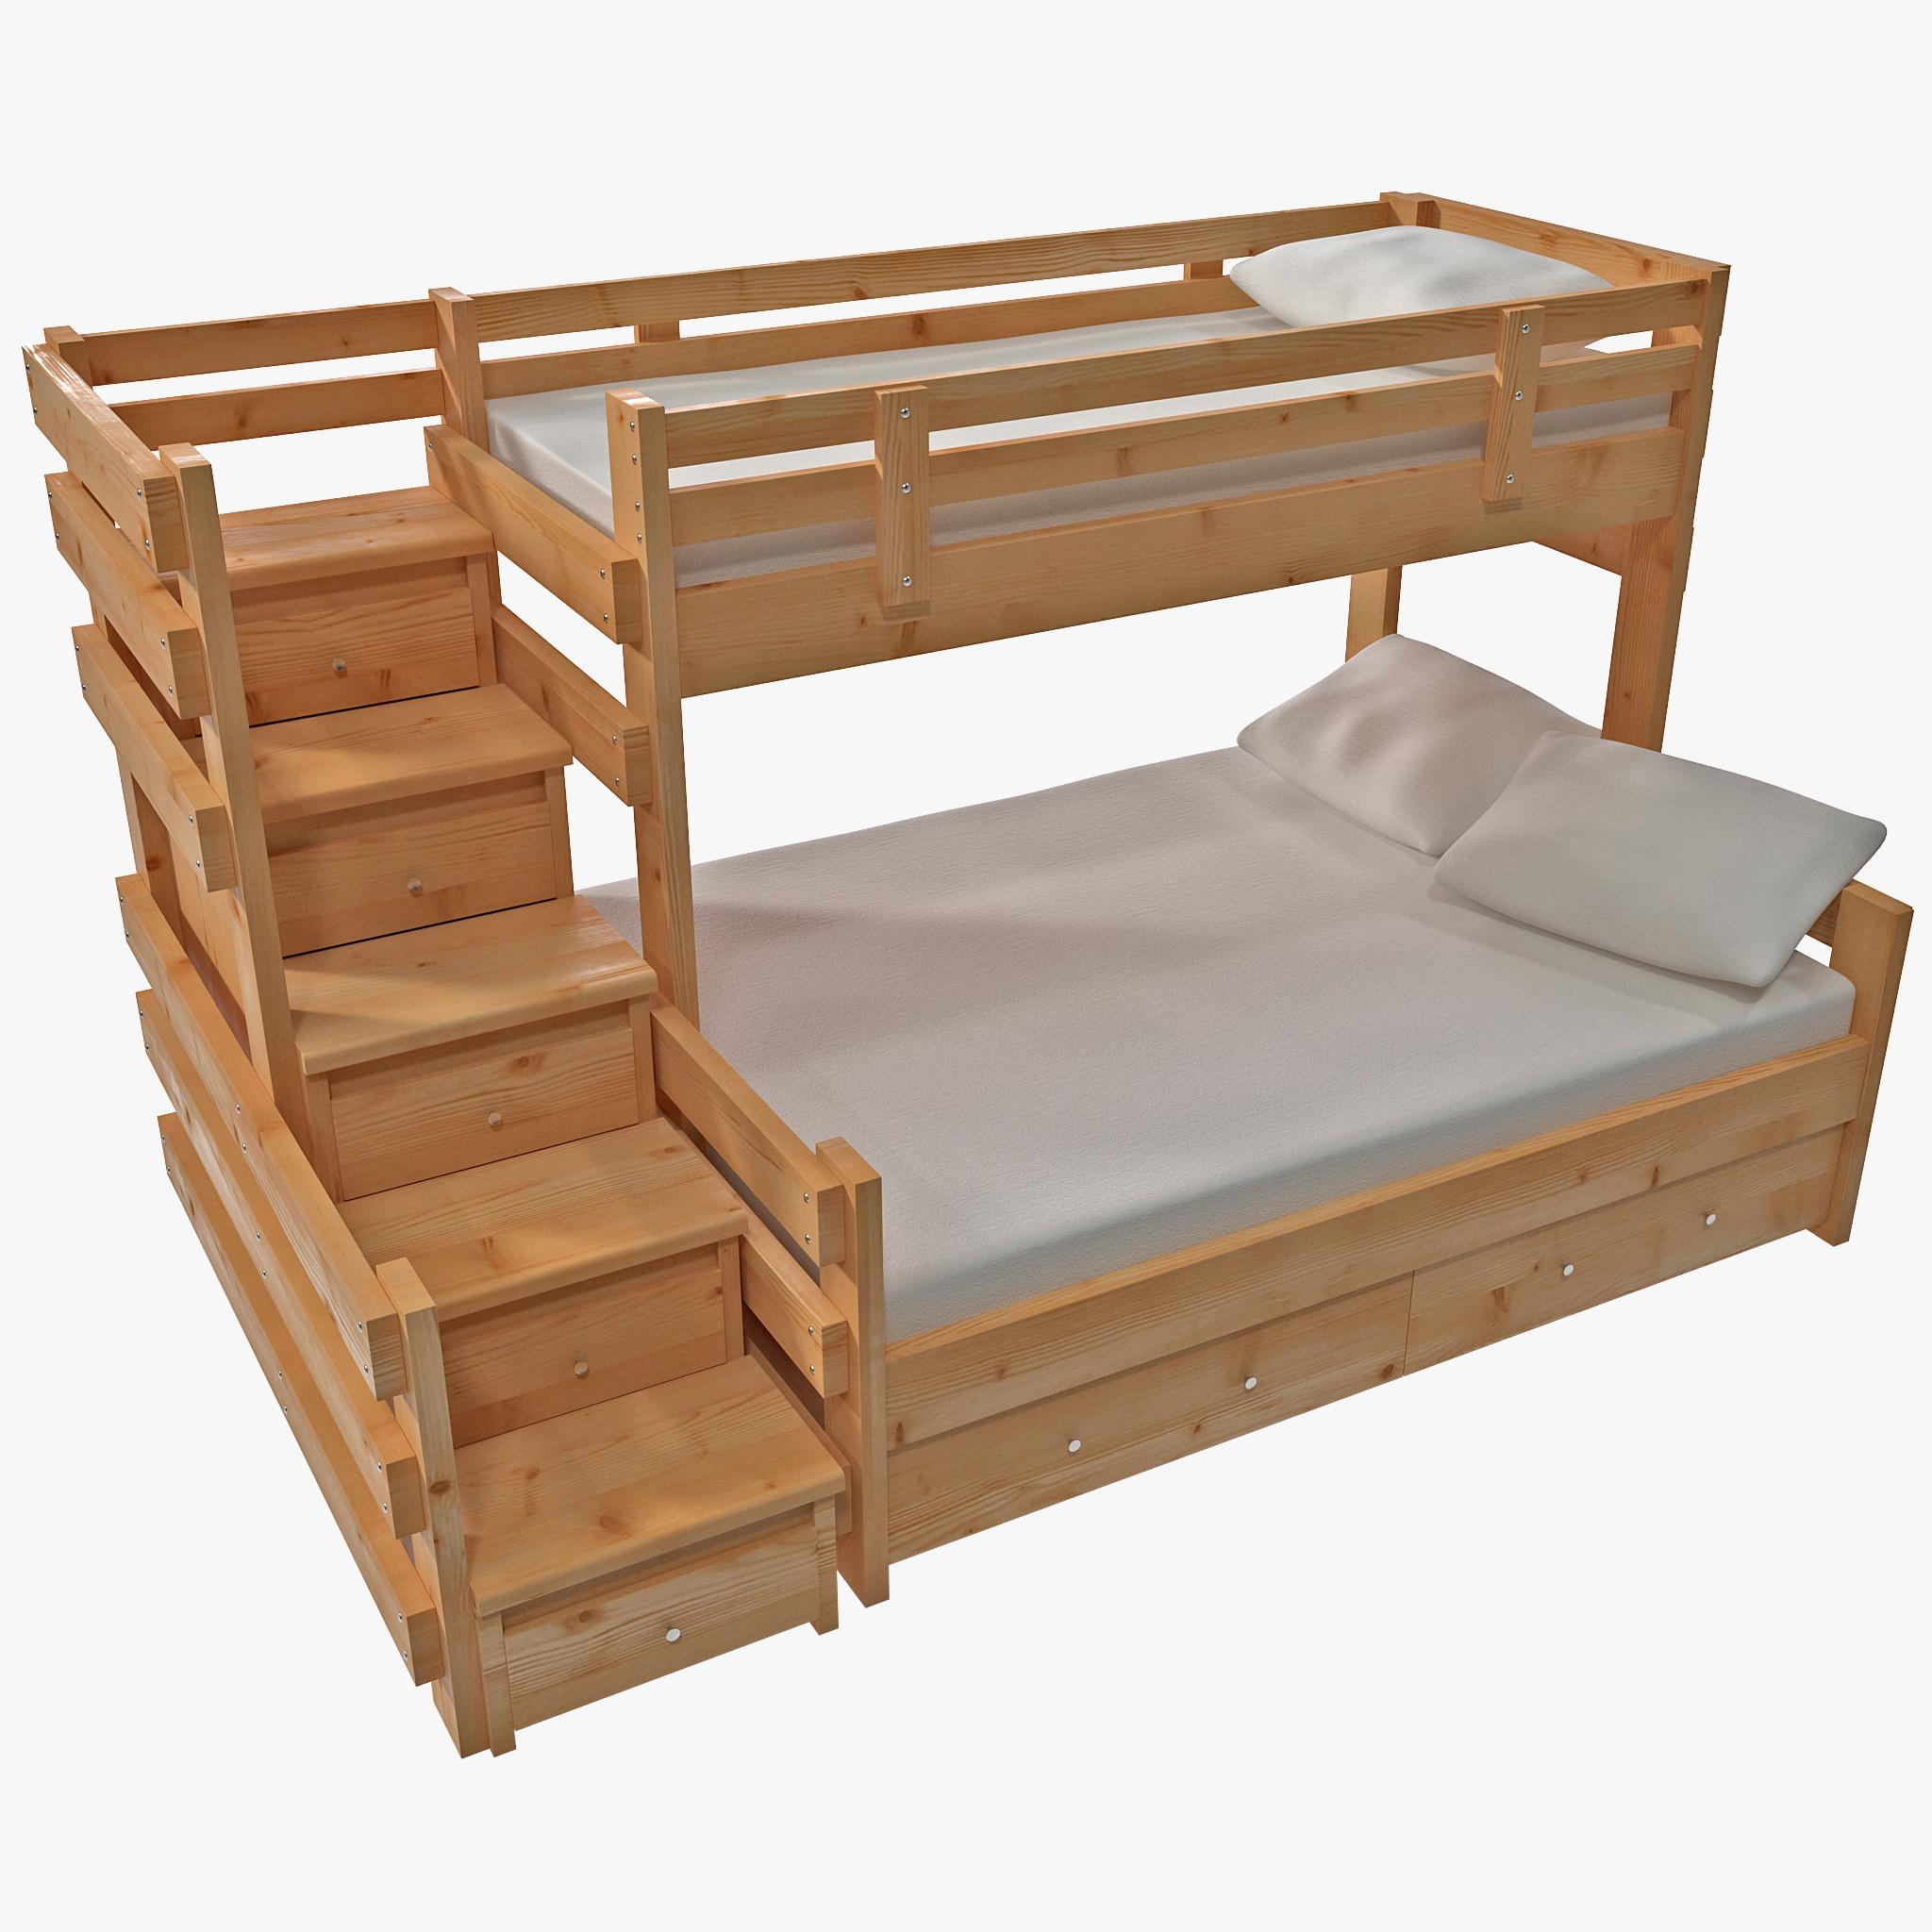 3d bunk bed model